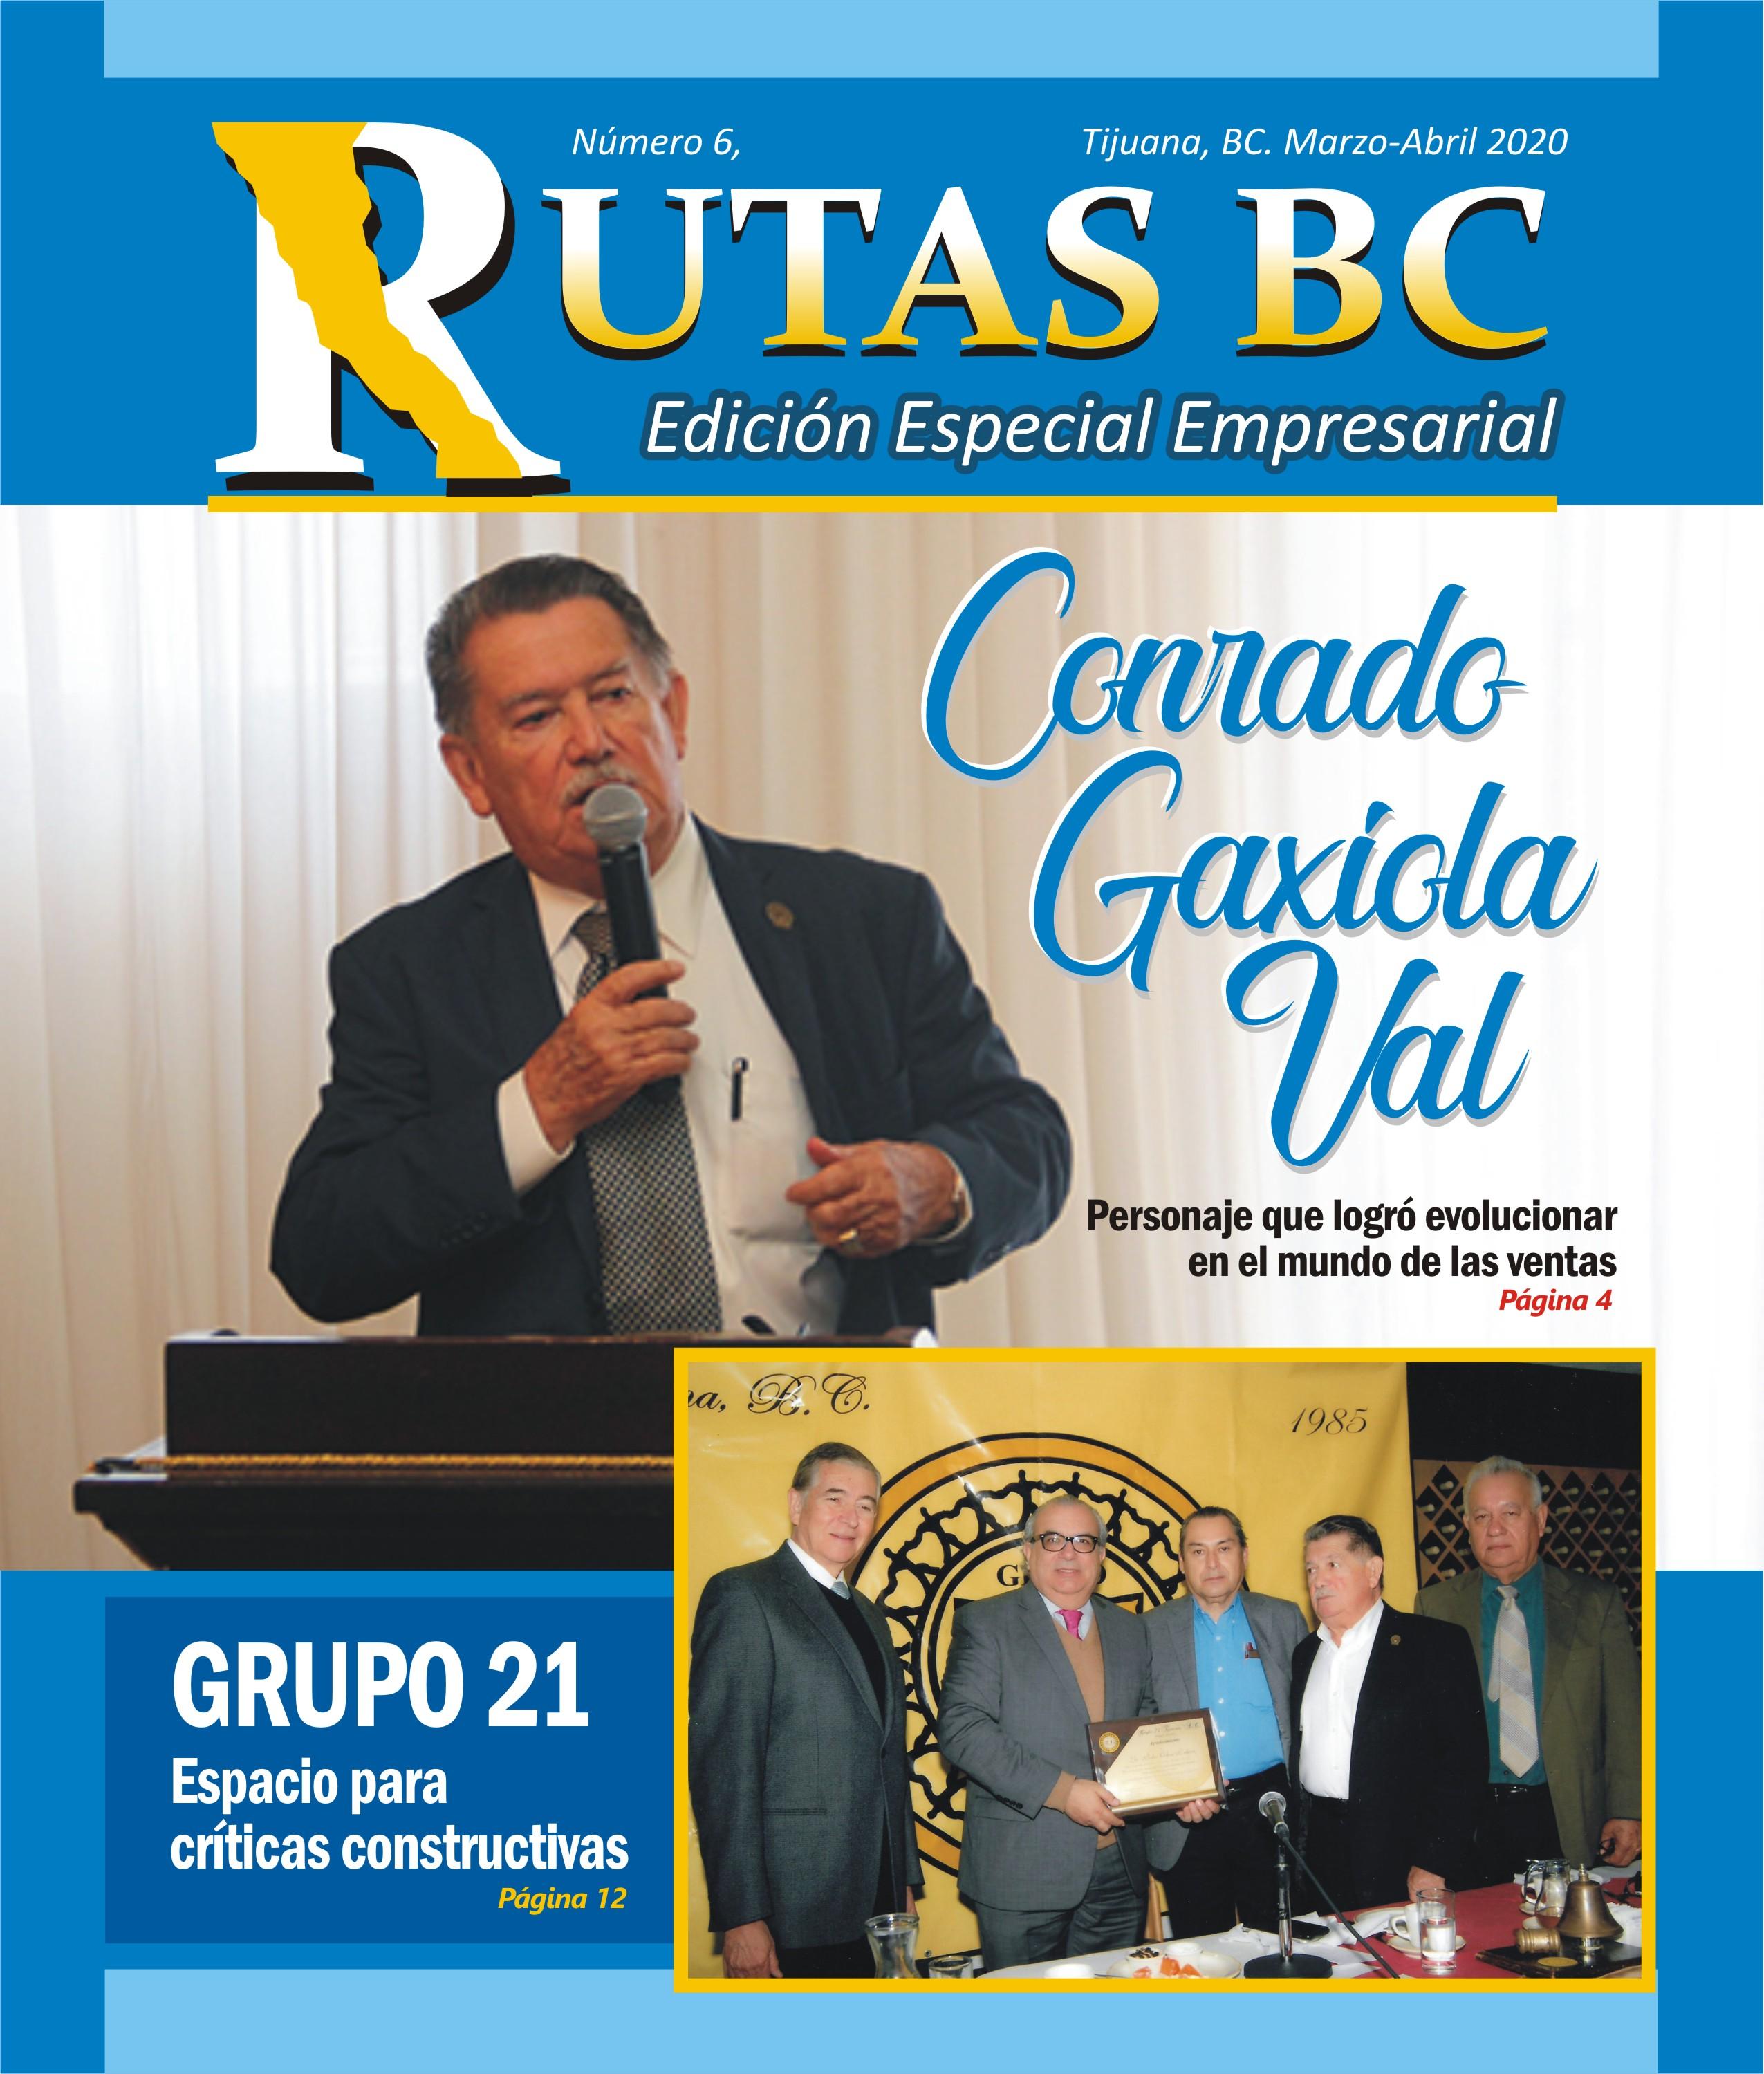 Dedican revista especial Rutas BC a Conrado Gaxiola Val